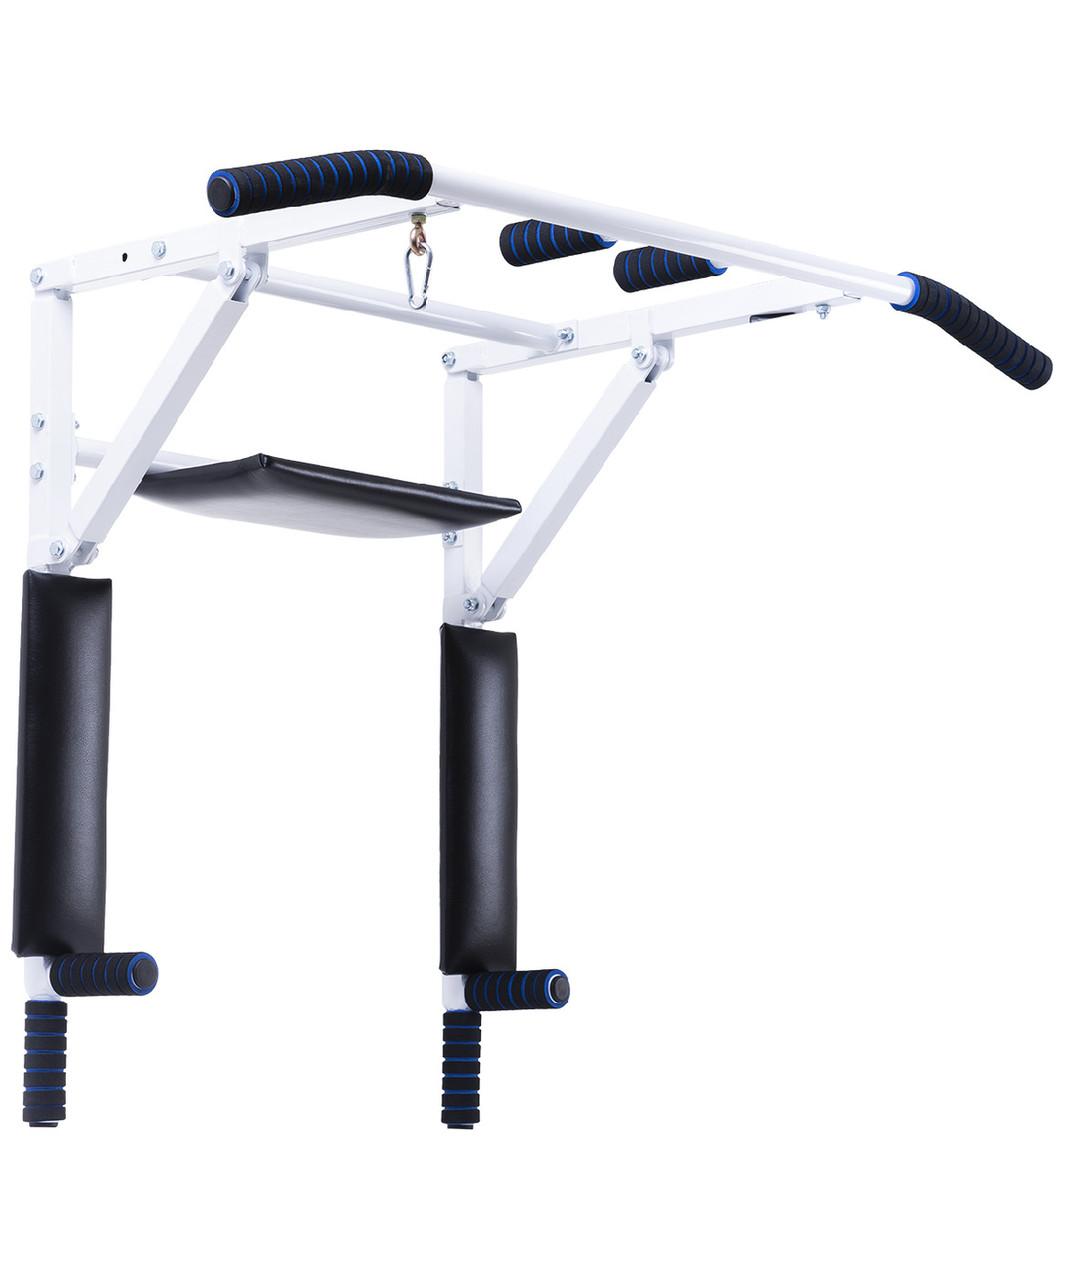 Турник-брусья настенный 3 в 1 Workout, складной d 28 мм, ширина 115 см, вынос 56 см BASEFIT